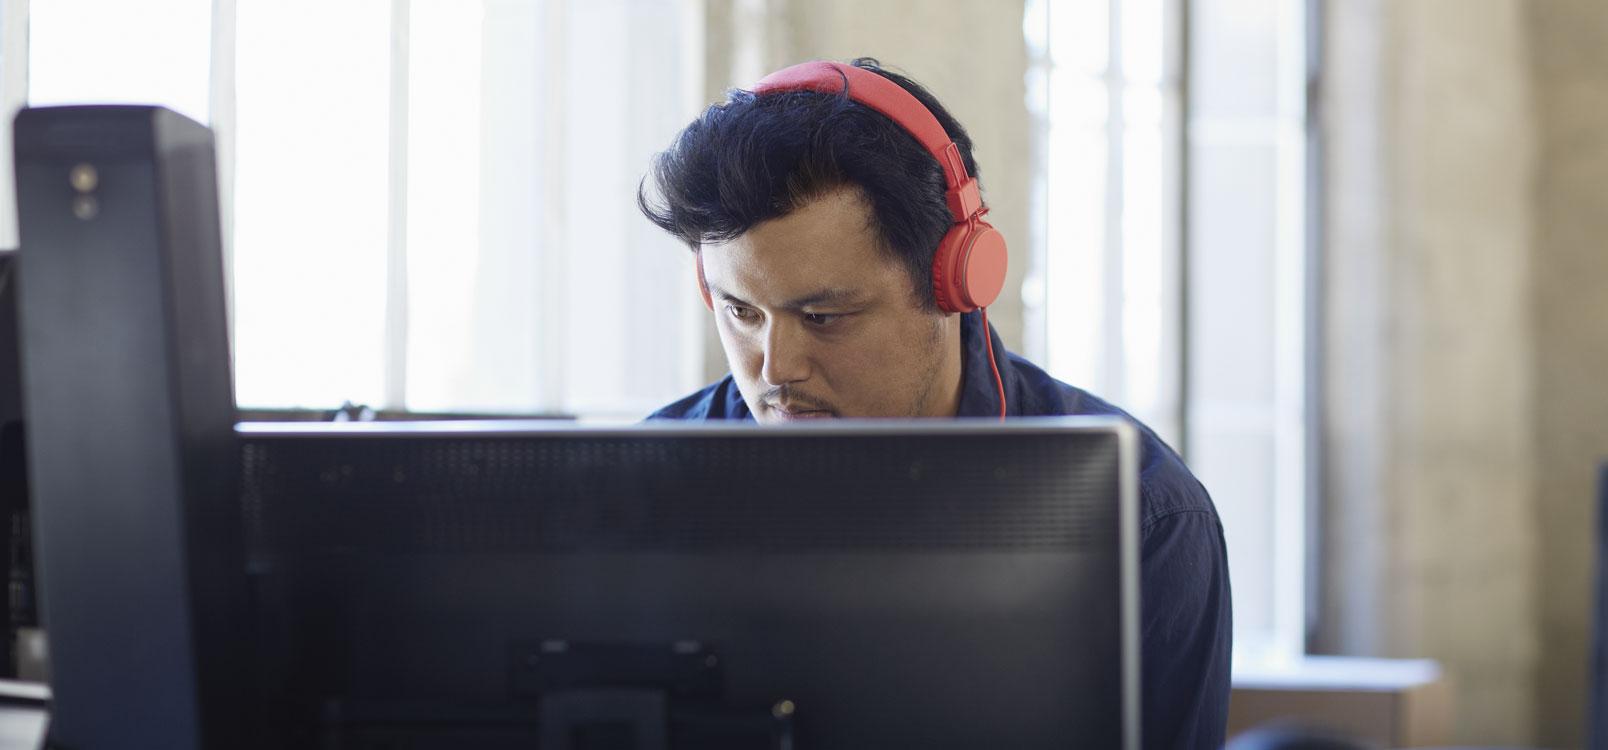 Cilvēks ar austiņām strādā pie galddatora, izmantojot pakalpojumu Office365 vienkāršākam IT darbam.